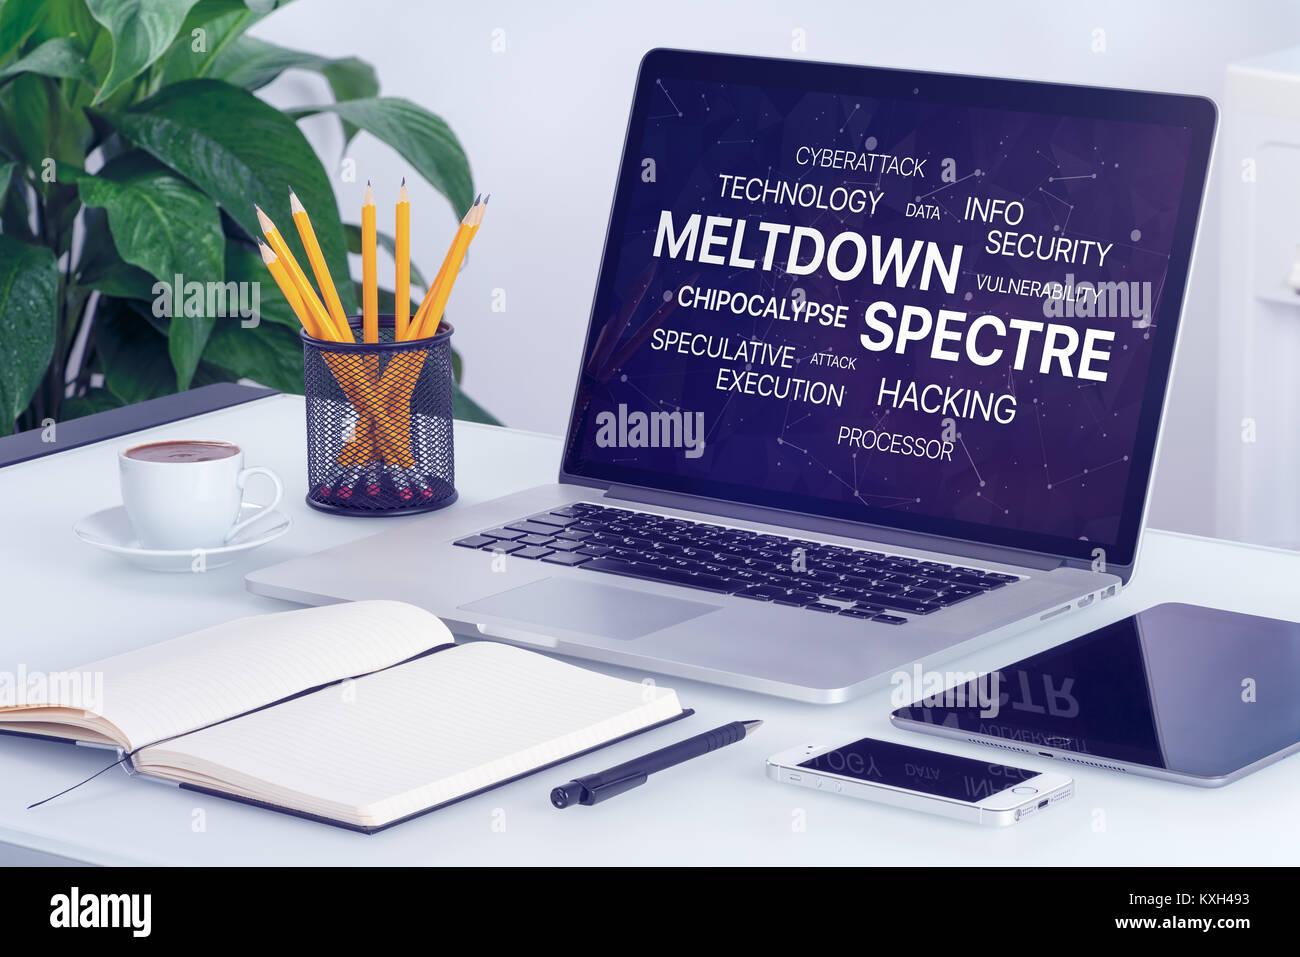 Deshielos y espectro amenaza concepto sobre la pantalla de un ordenador portátil. Imagen De Stock